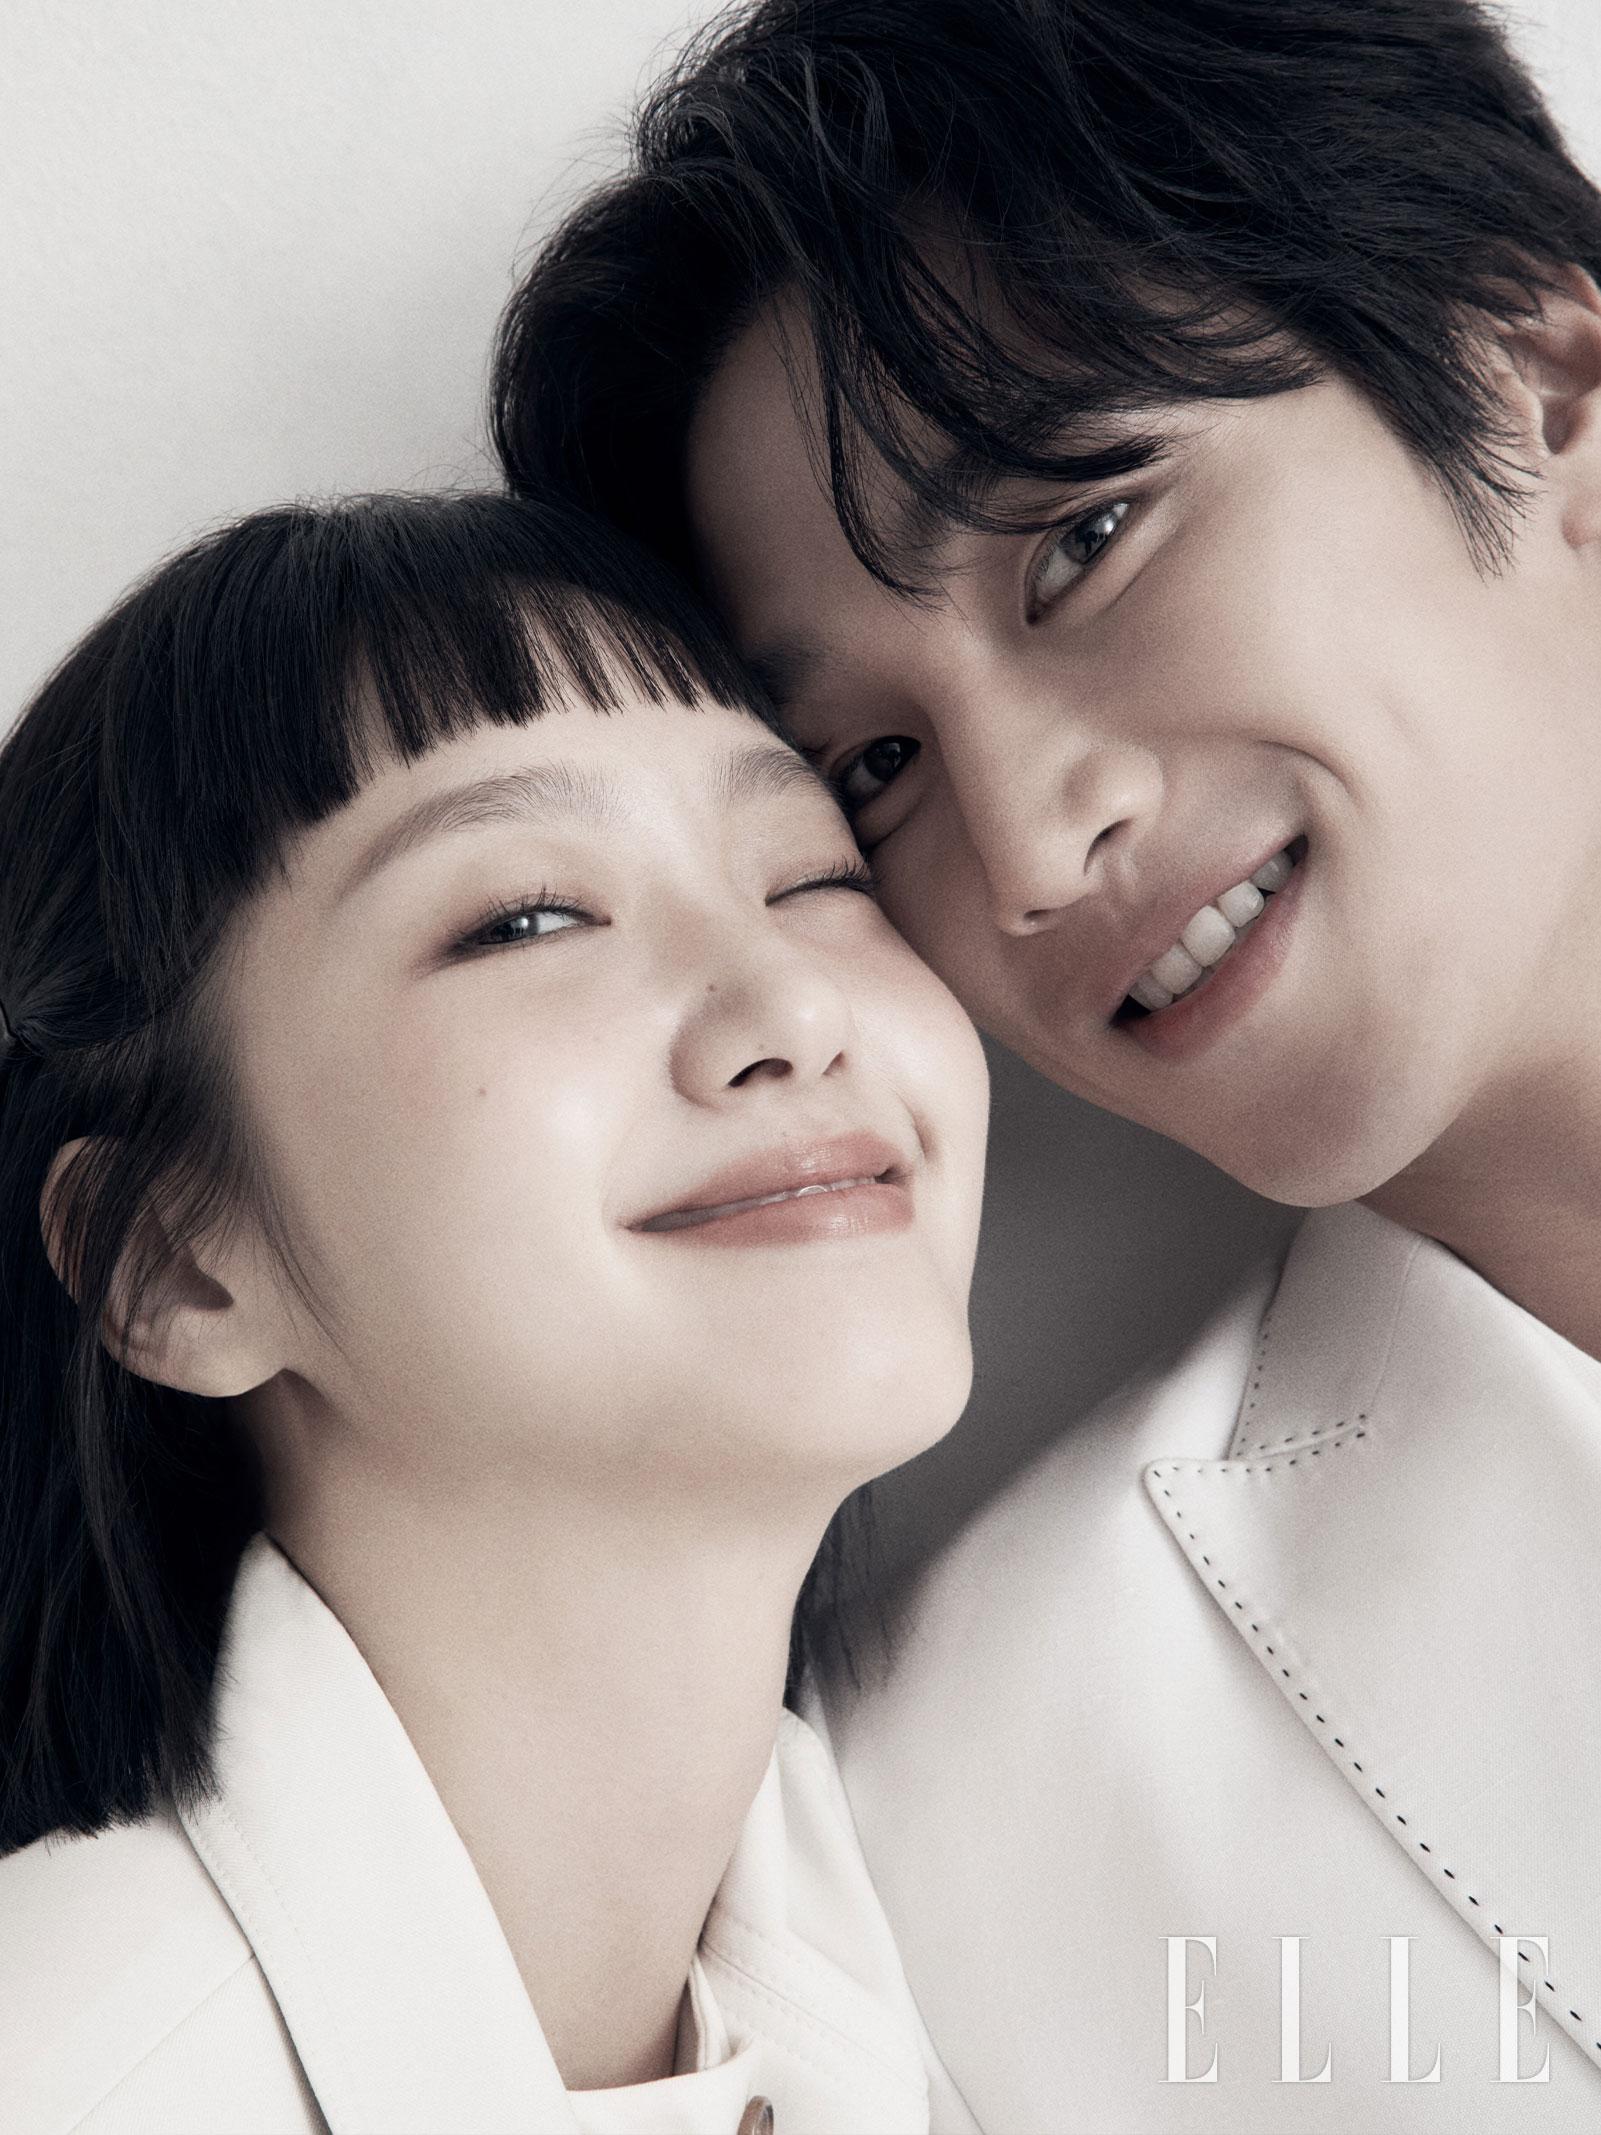 '유미의 세포들' 김고은·안보현, 찰떡 커플 케미 자랑(화보)